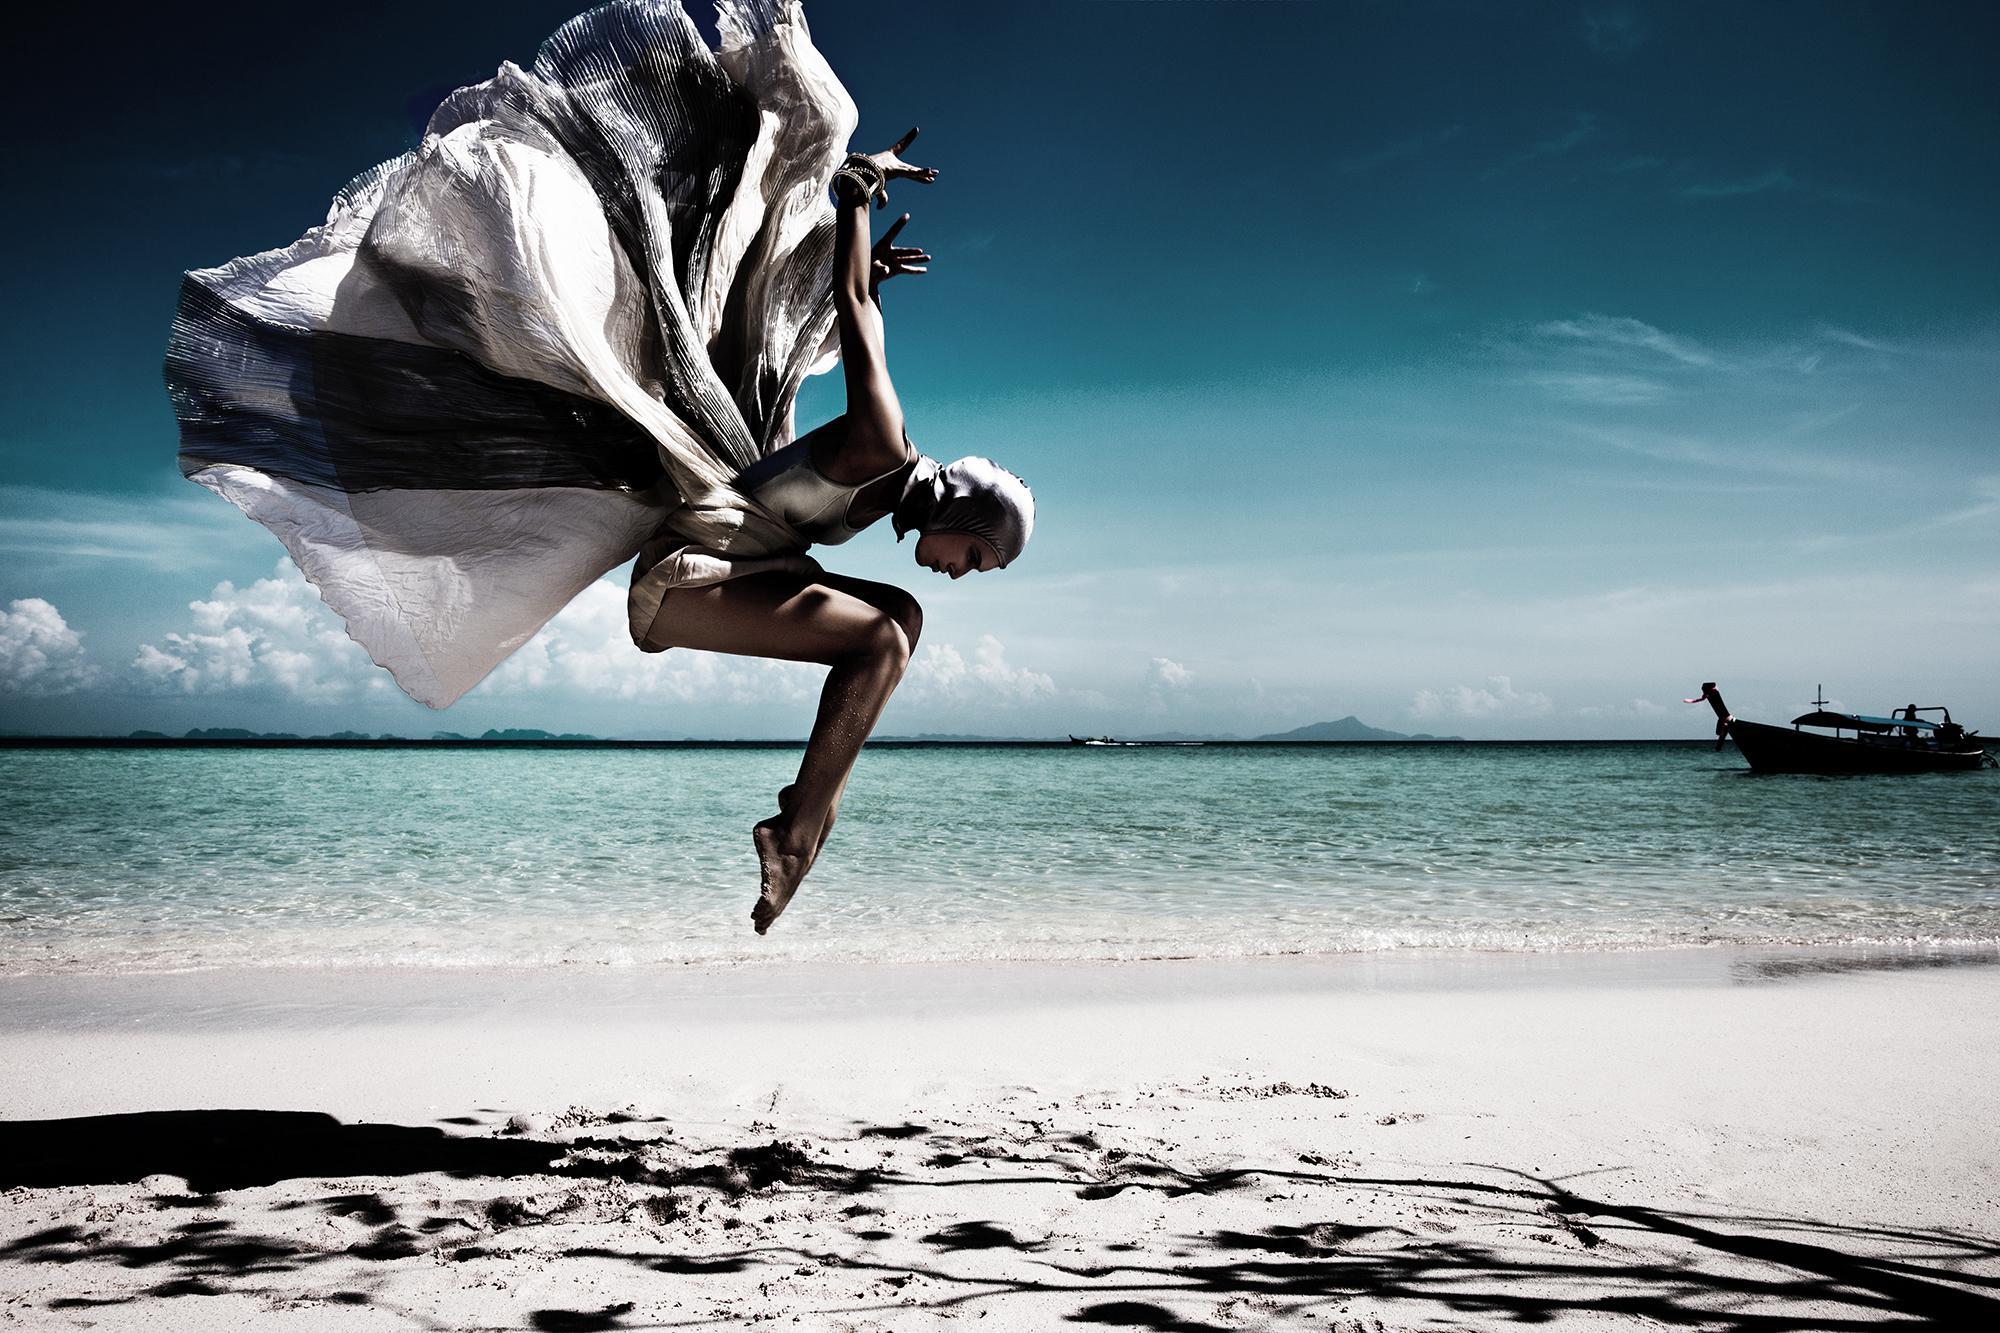 Modefotografie van vrouw met rok als vleugels springend op caribisch strand door fotograaf Saurabh Dua